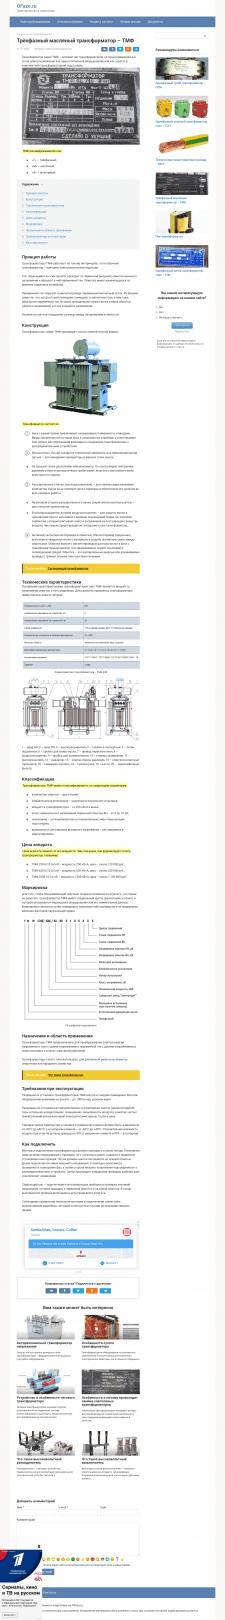 Трёхфазный масляный трансформатор – ТМФ